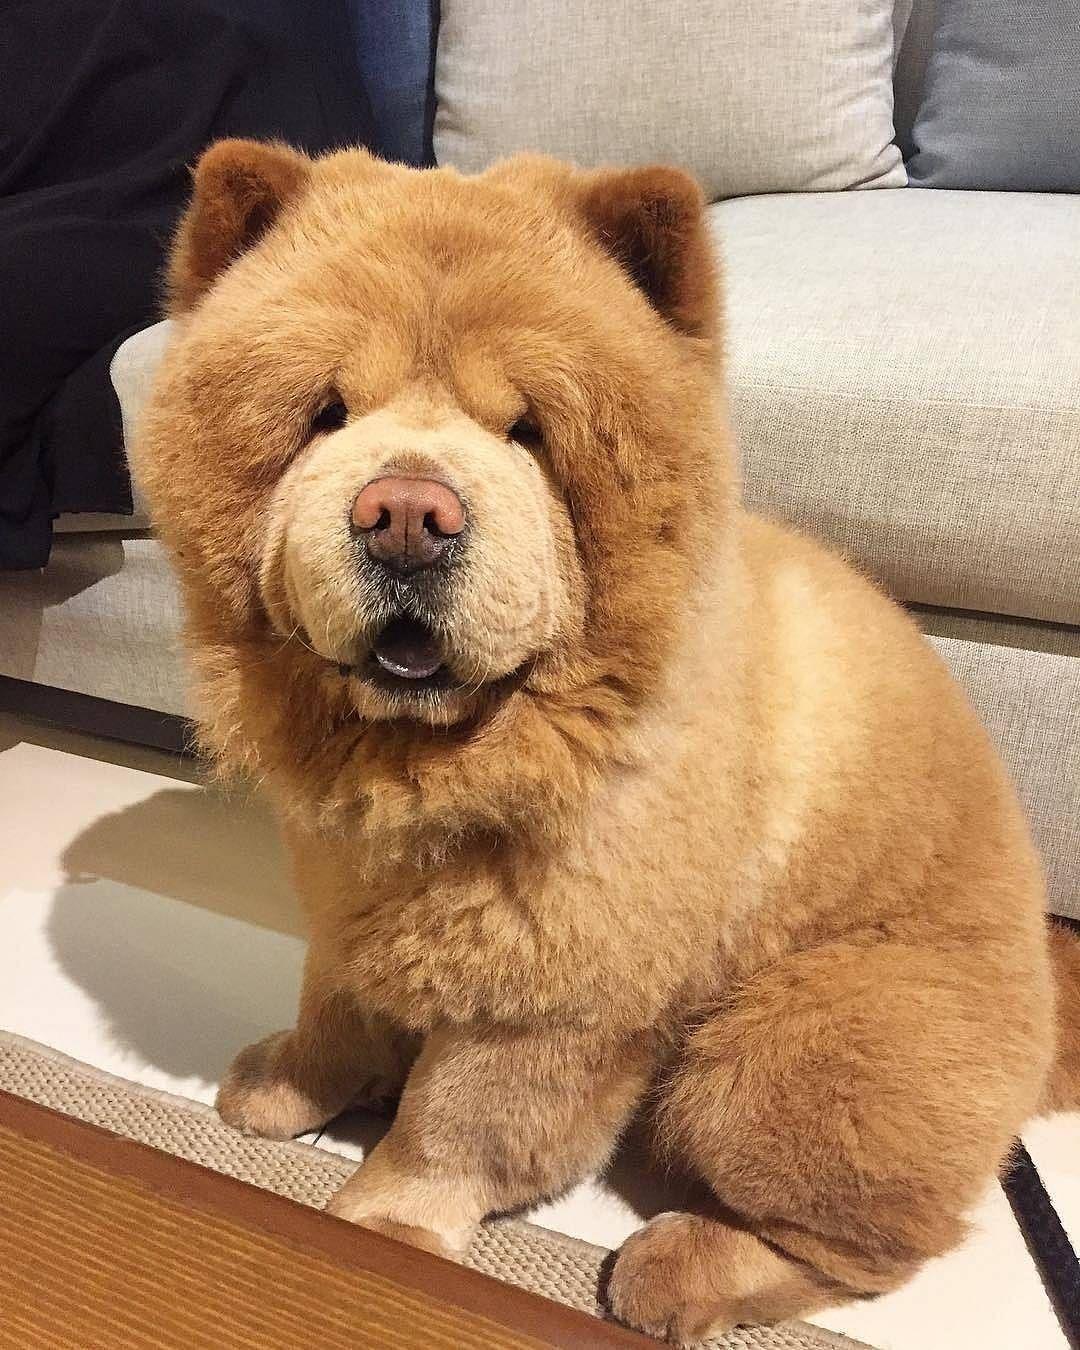 Chó chow chow nuôi trong nhà